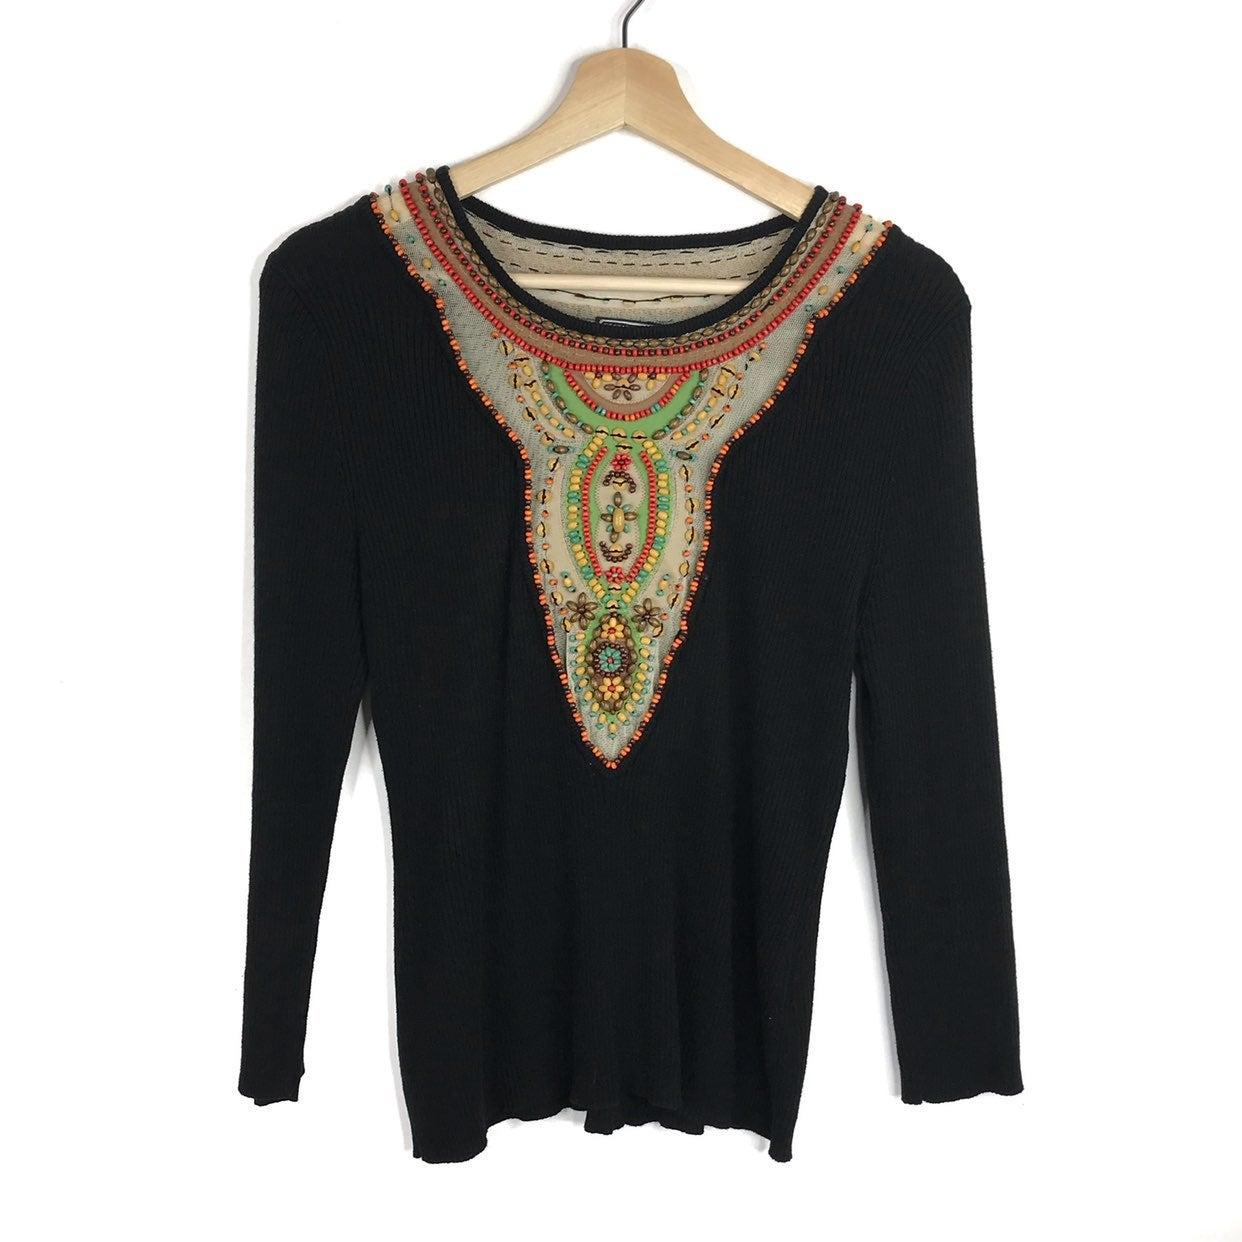 Berek Beaded Long Sleeve Sweater